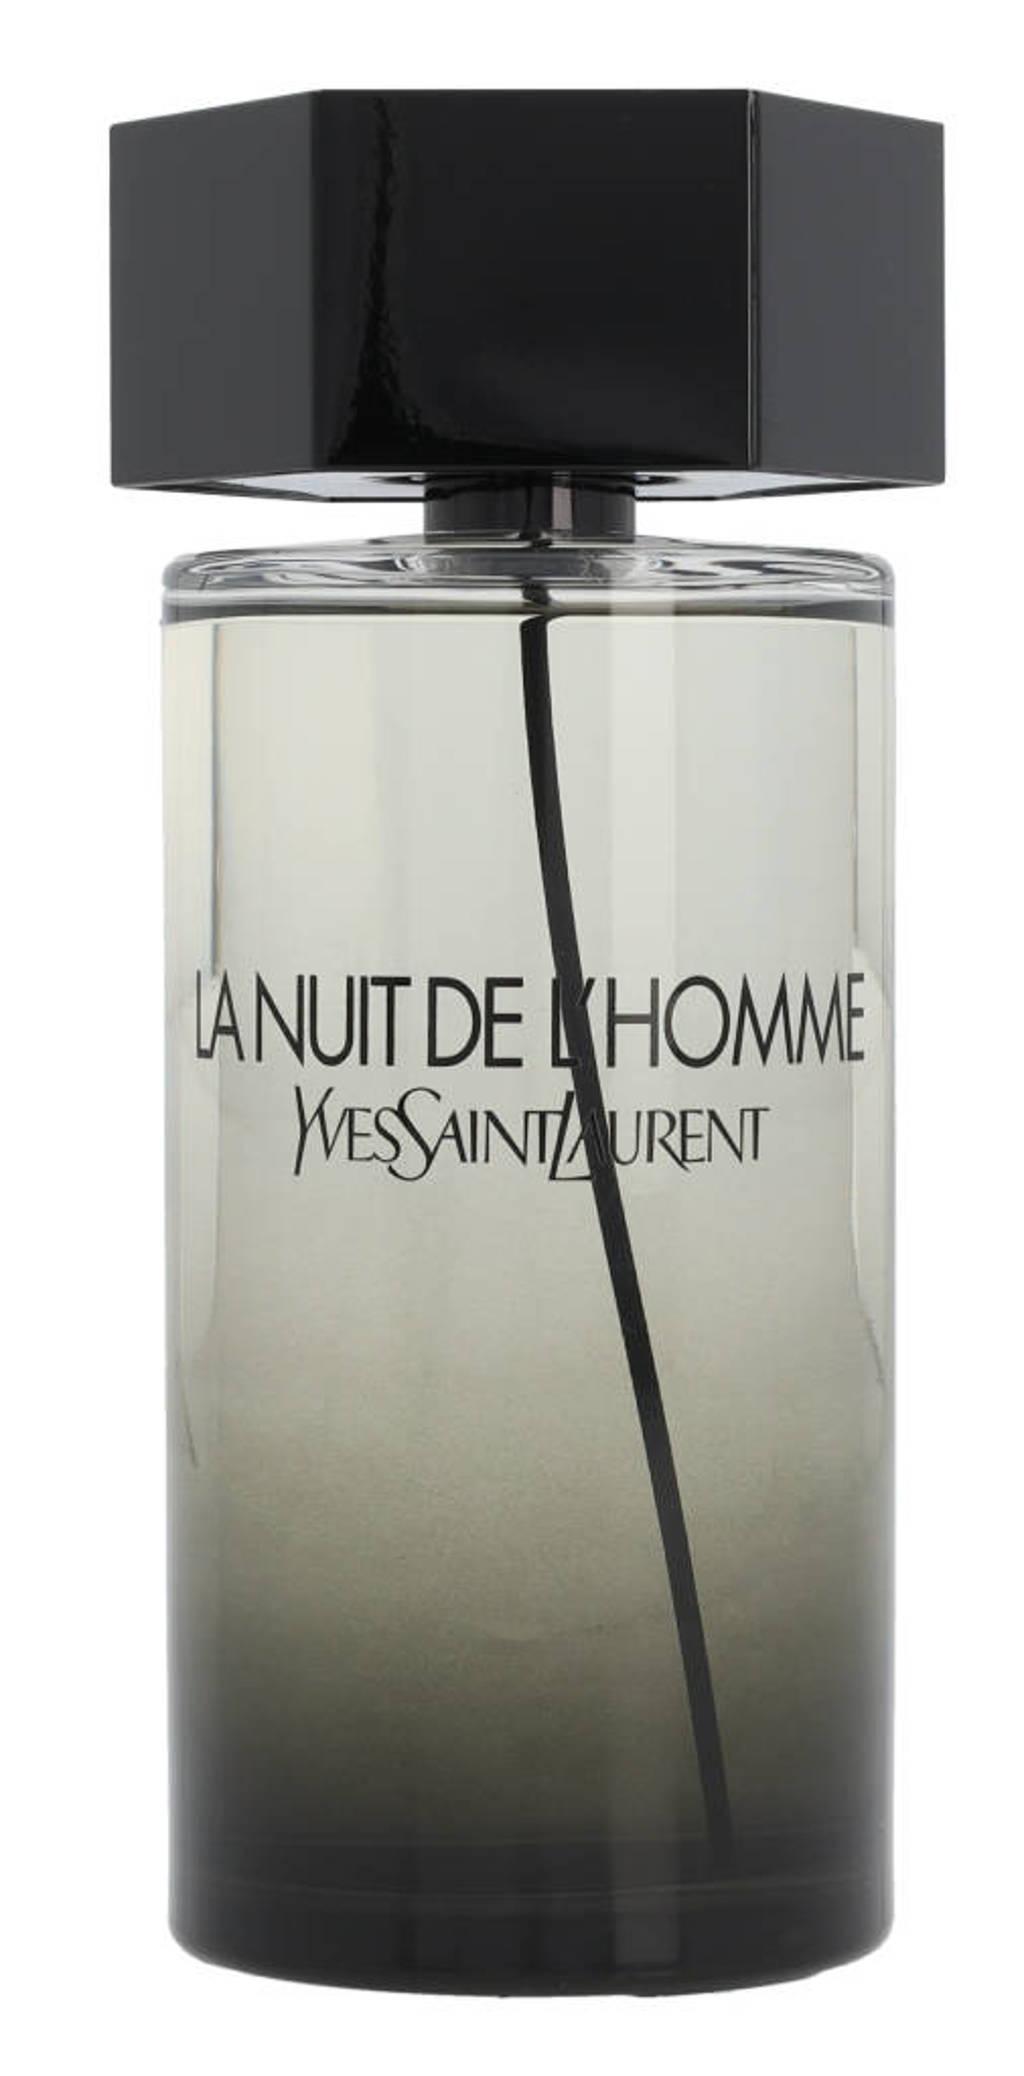 Yves Saint Laurent La Nuit de L'Homme eau de toilette - 200 ml